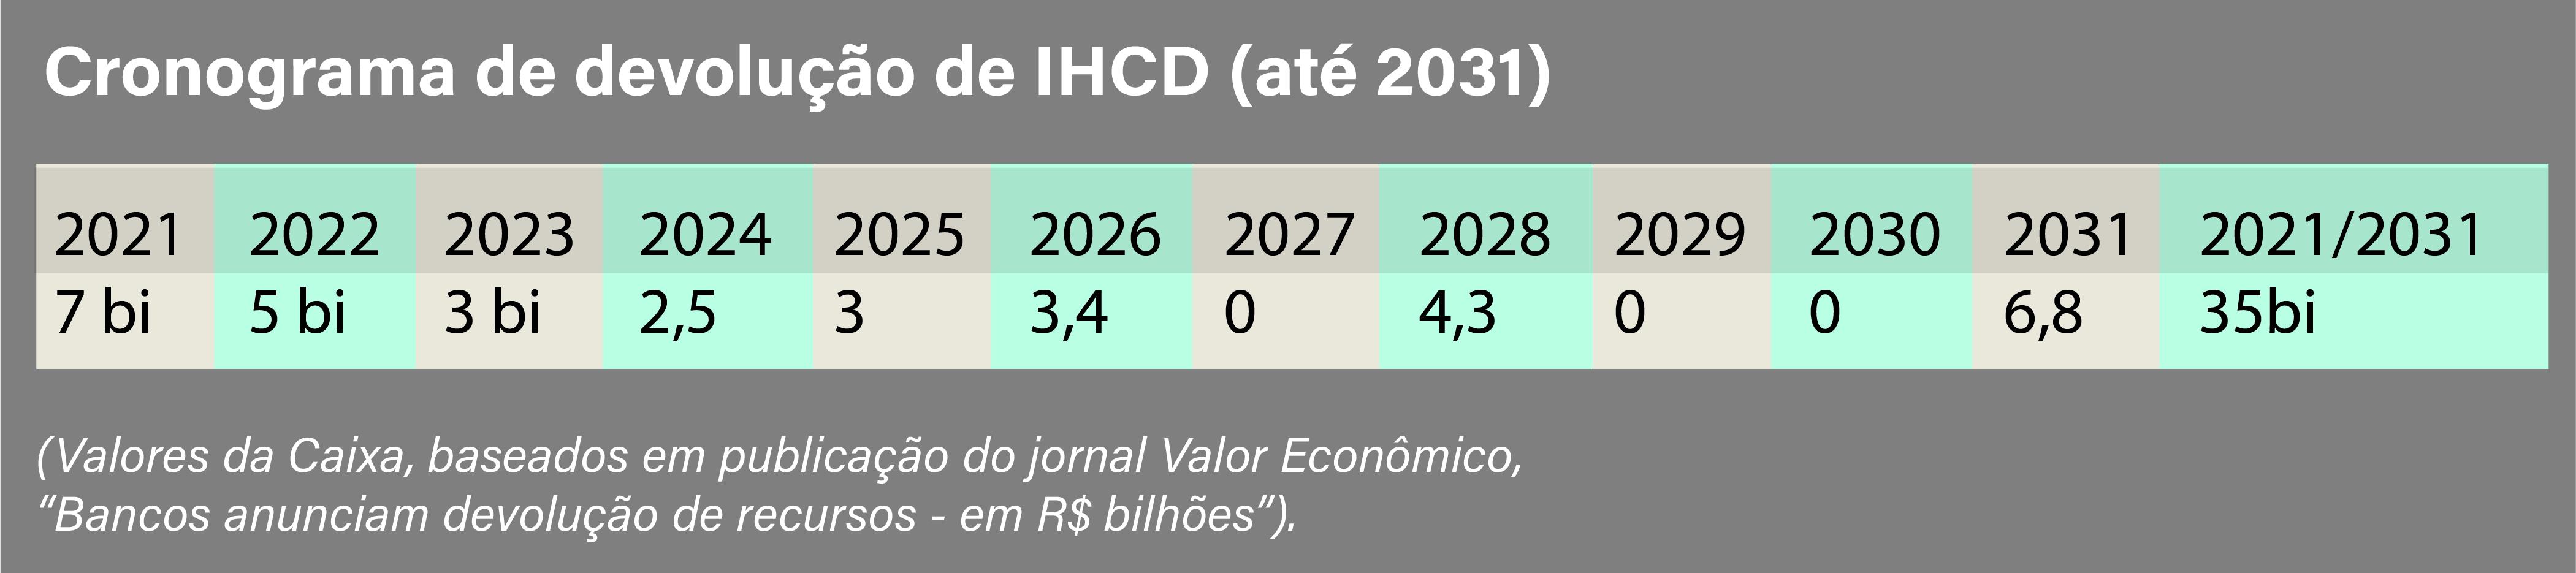 20210521CronogramadevoluIHCD.jpg